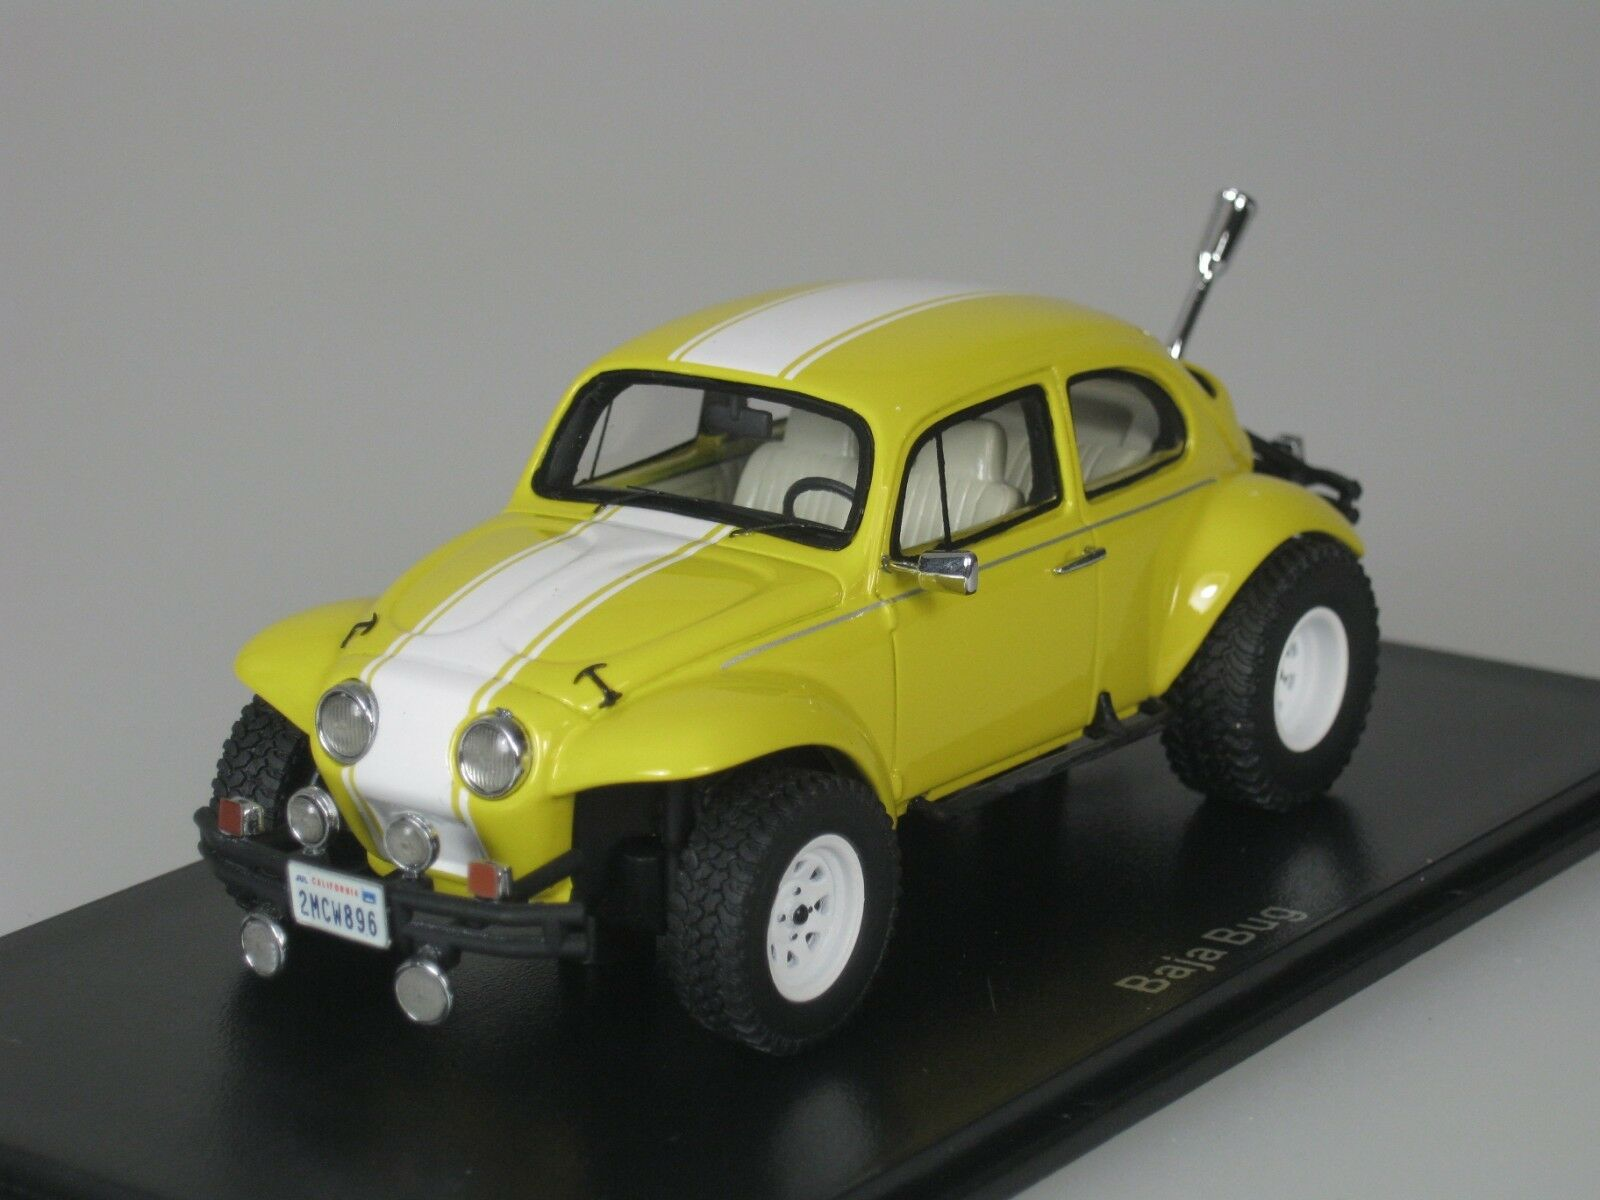 VW Volkswagen Escarabajo Beetle Baja Baja Baja Bug 1969 Amarillo 1 43 Neo 45896 Nuevo ec0e98